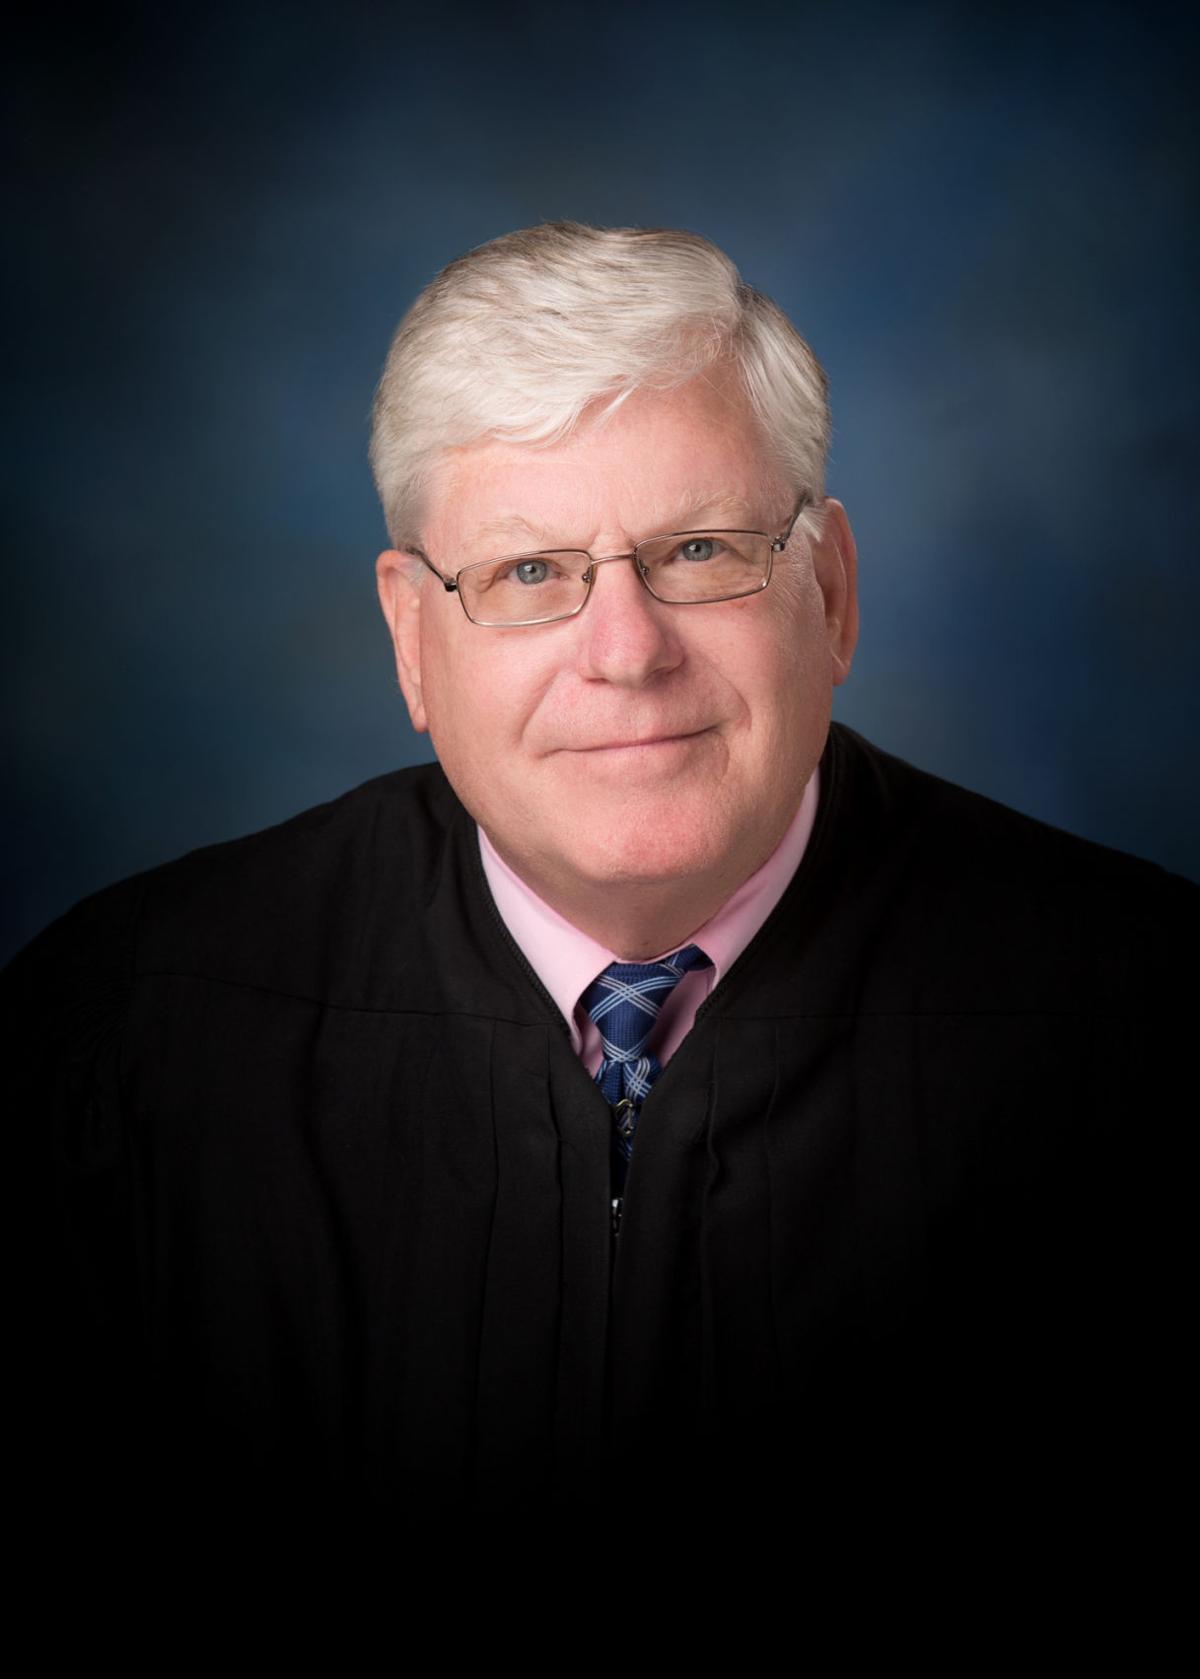 Judge Richard Swartz Photo.jpg